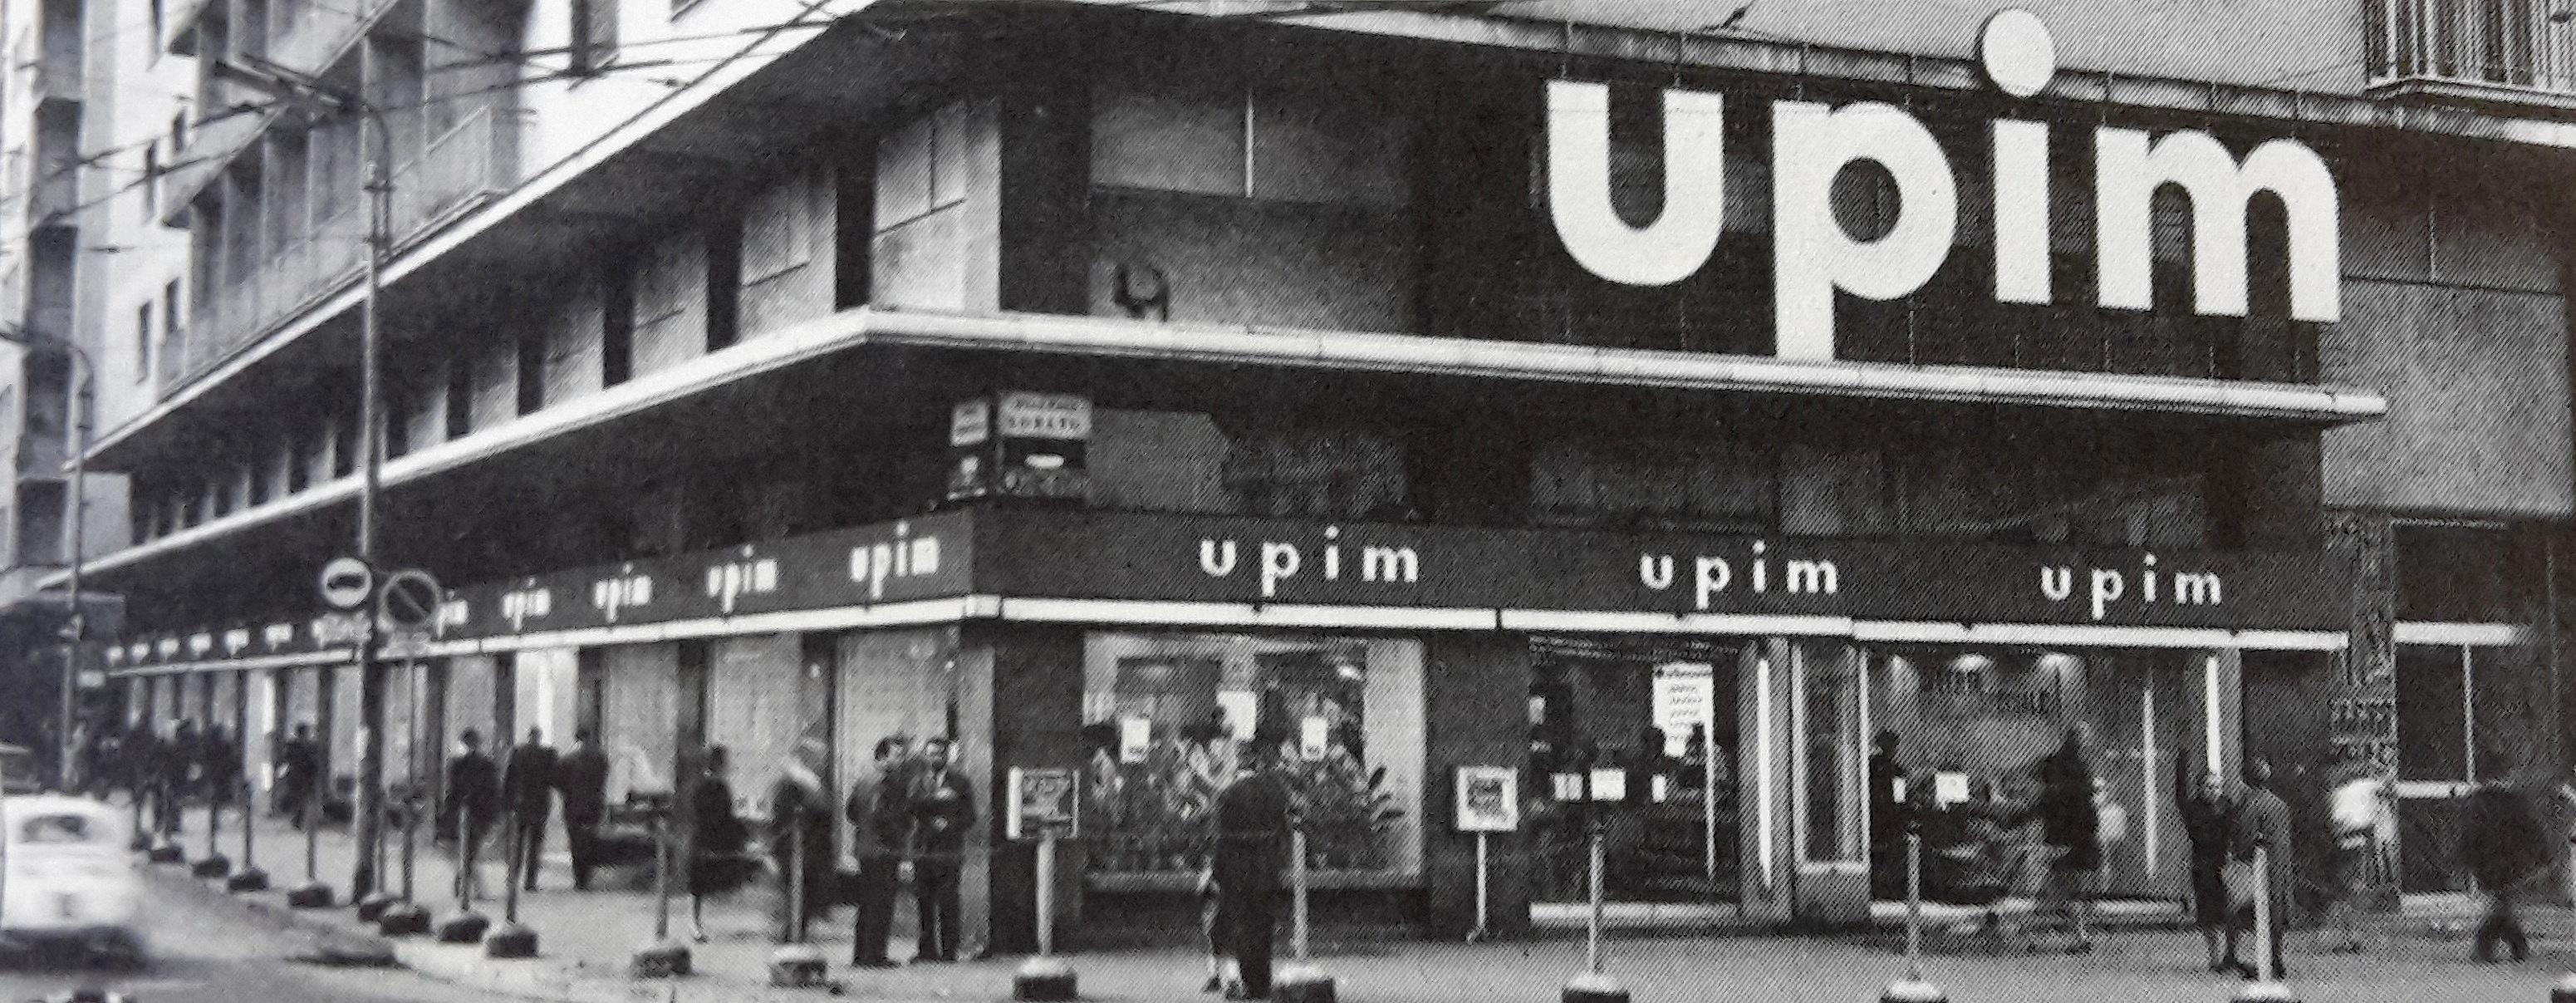 Upim-milano-VIA-loreto-1960